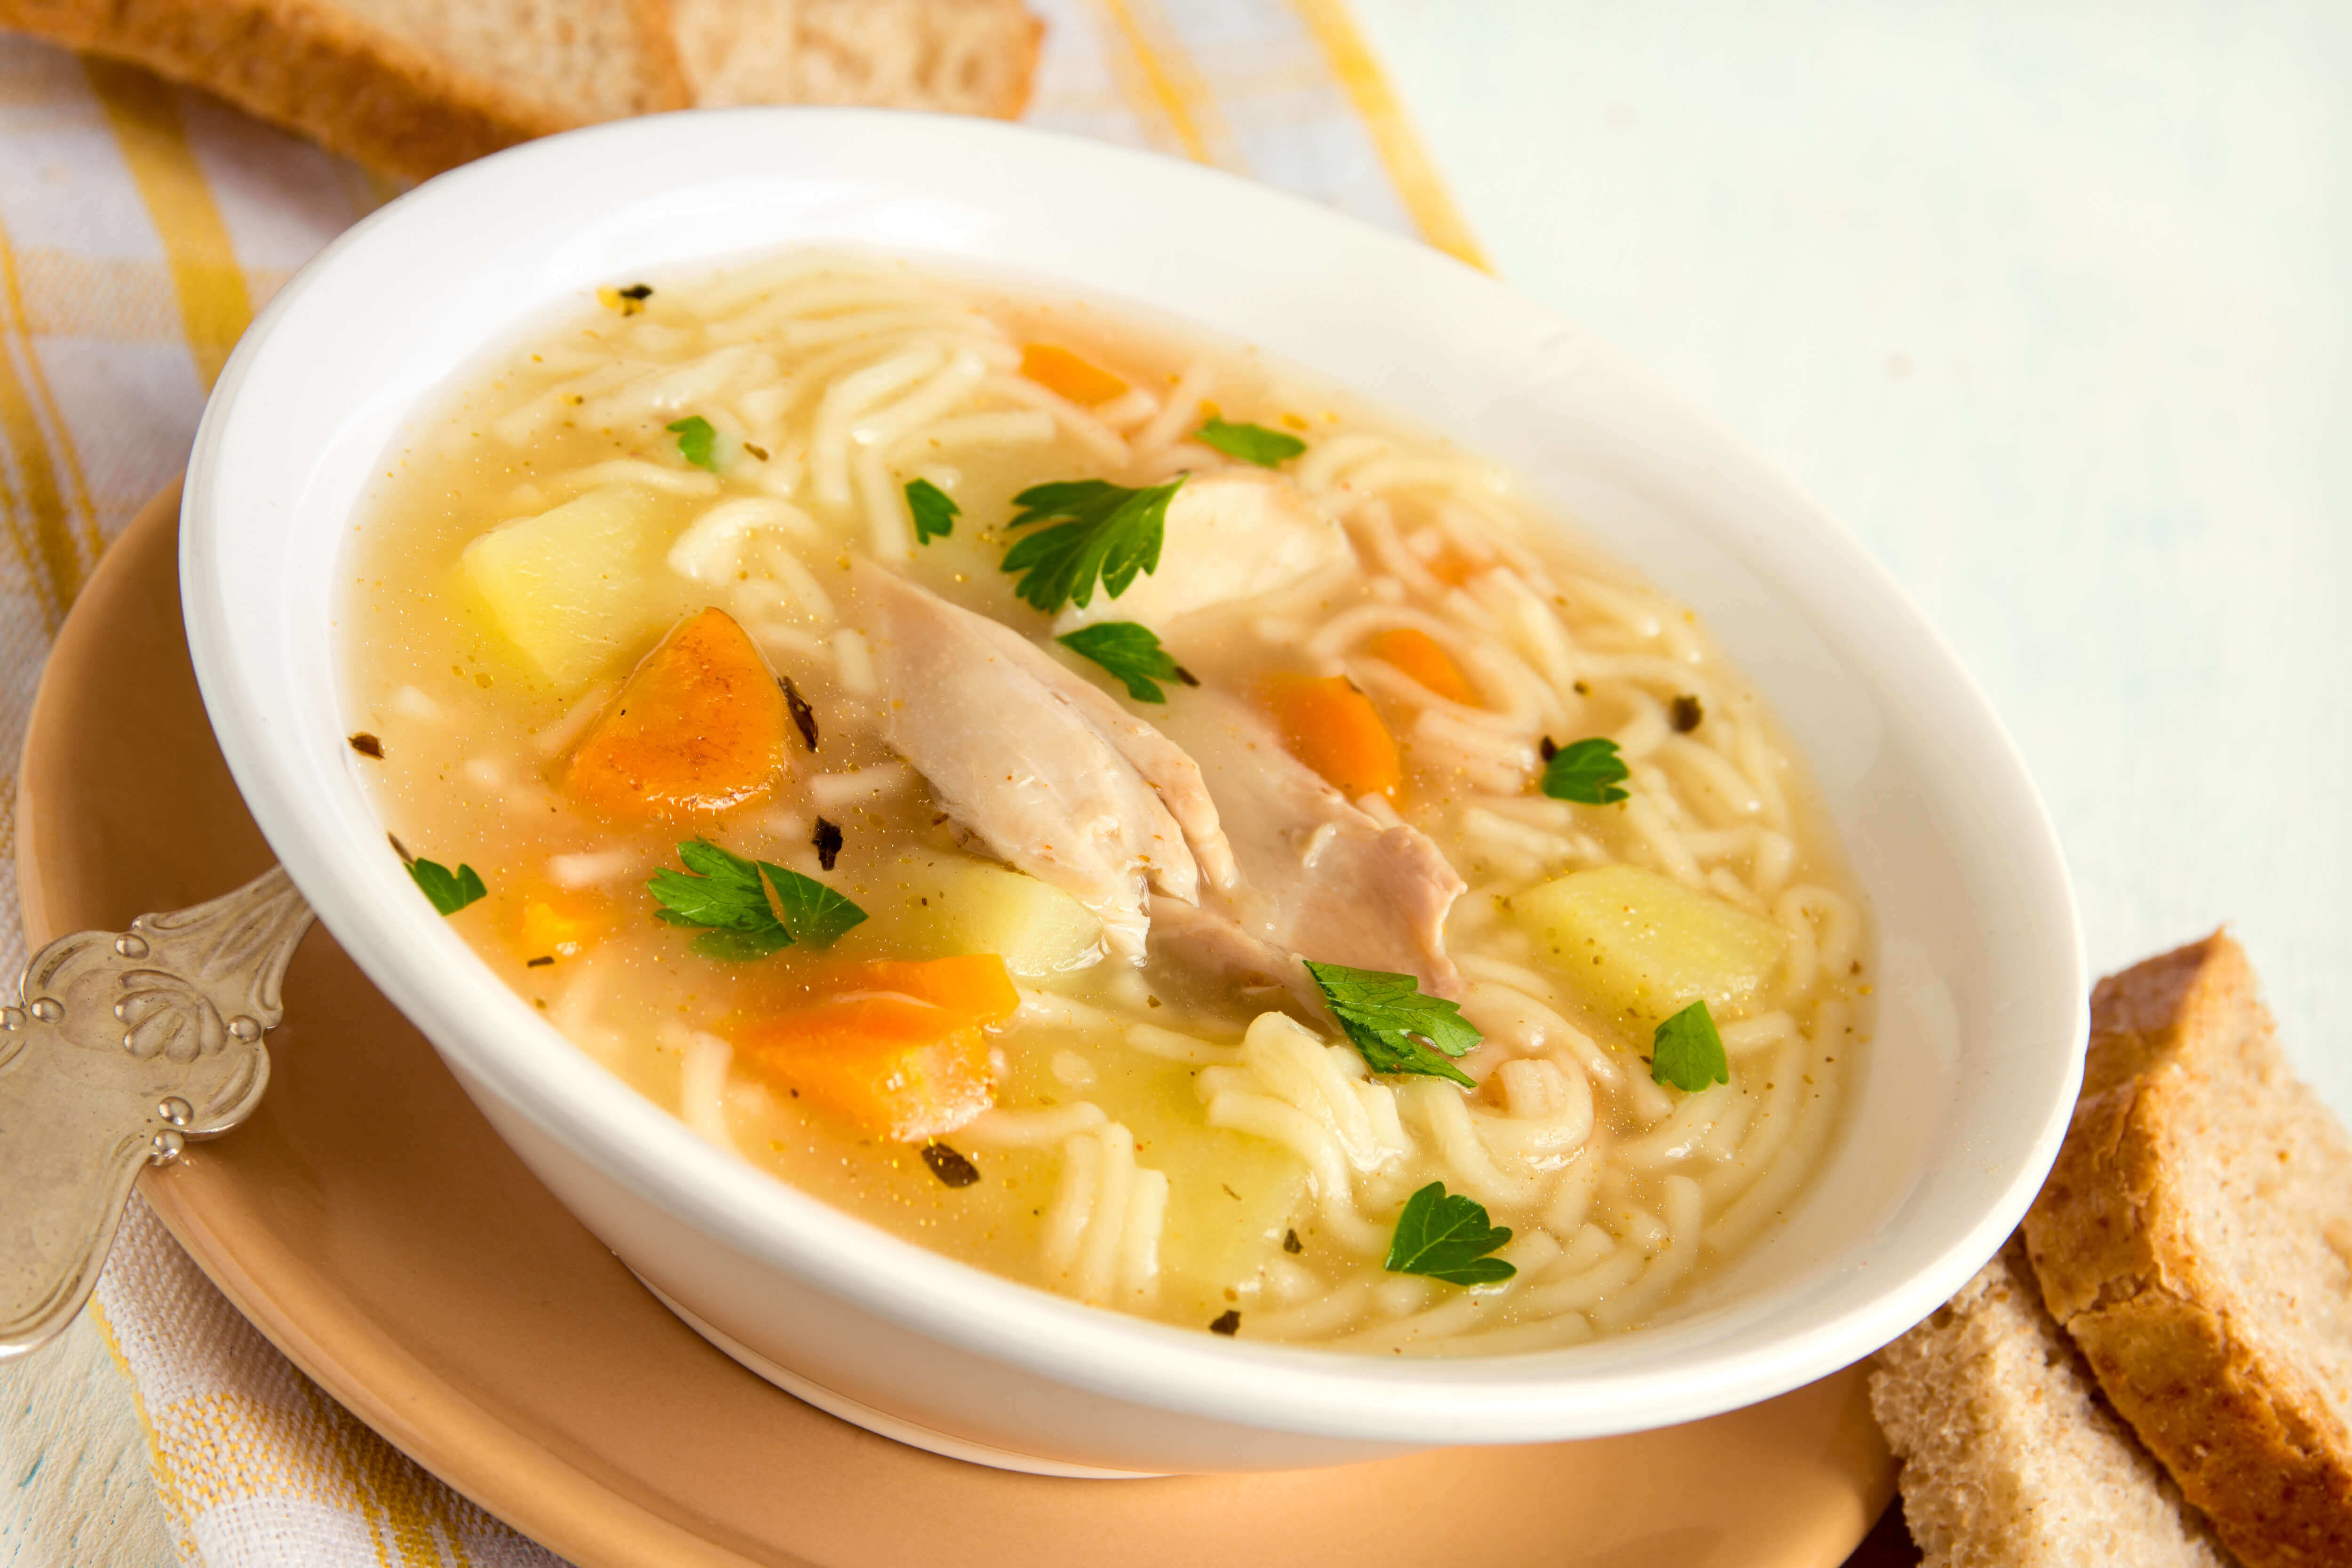 Receta sopa de pollo de imusa